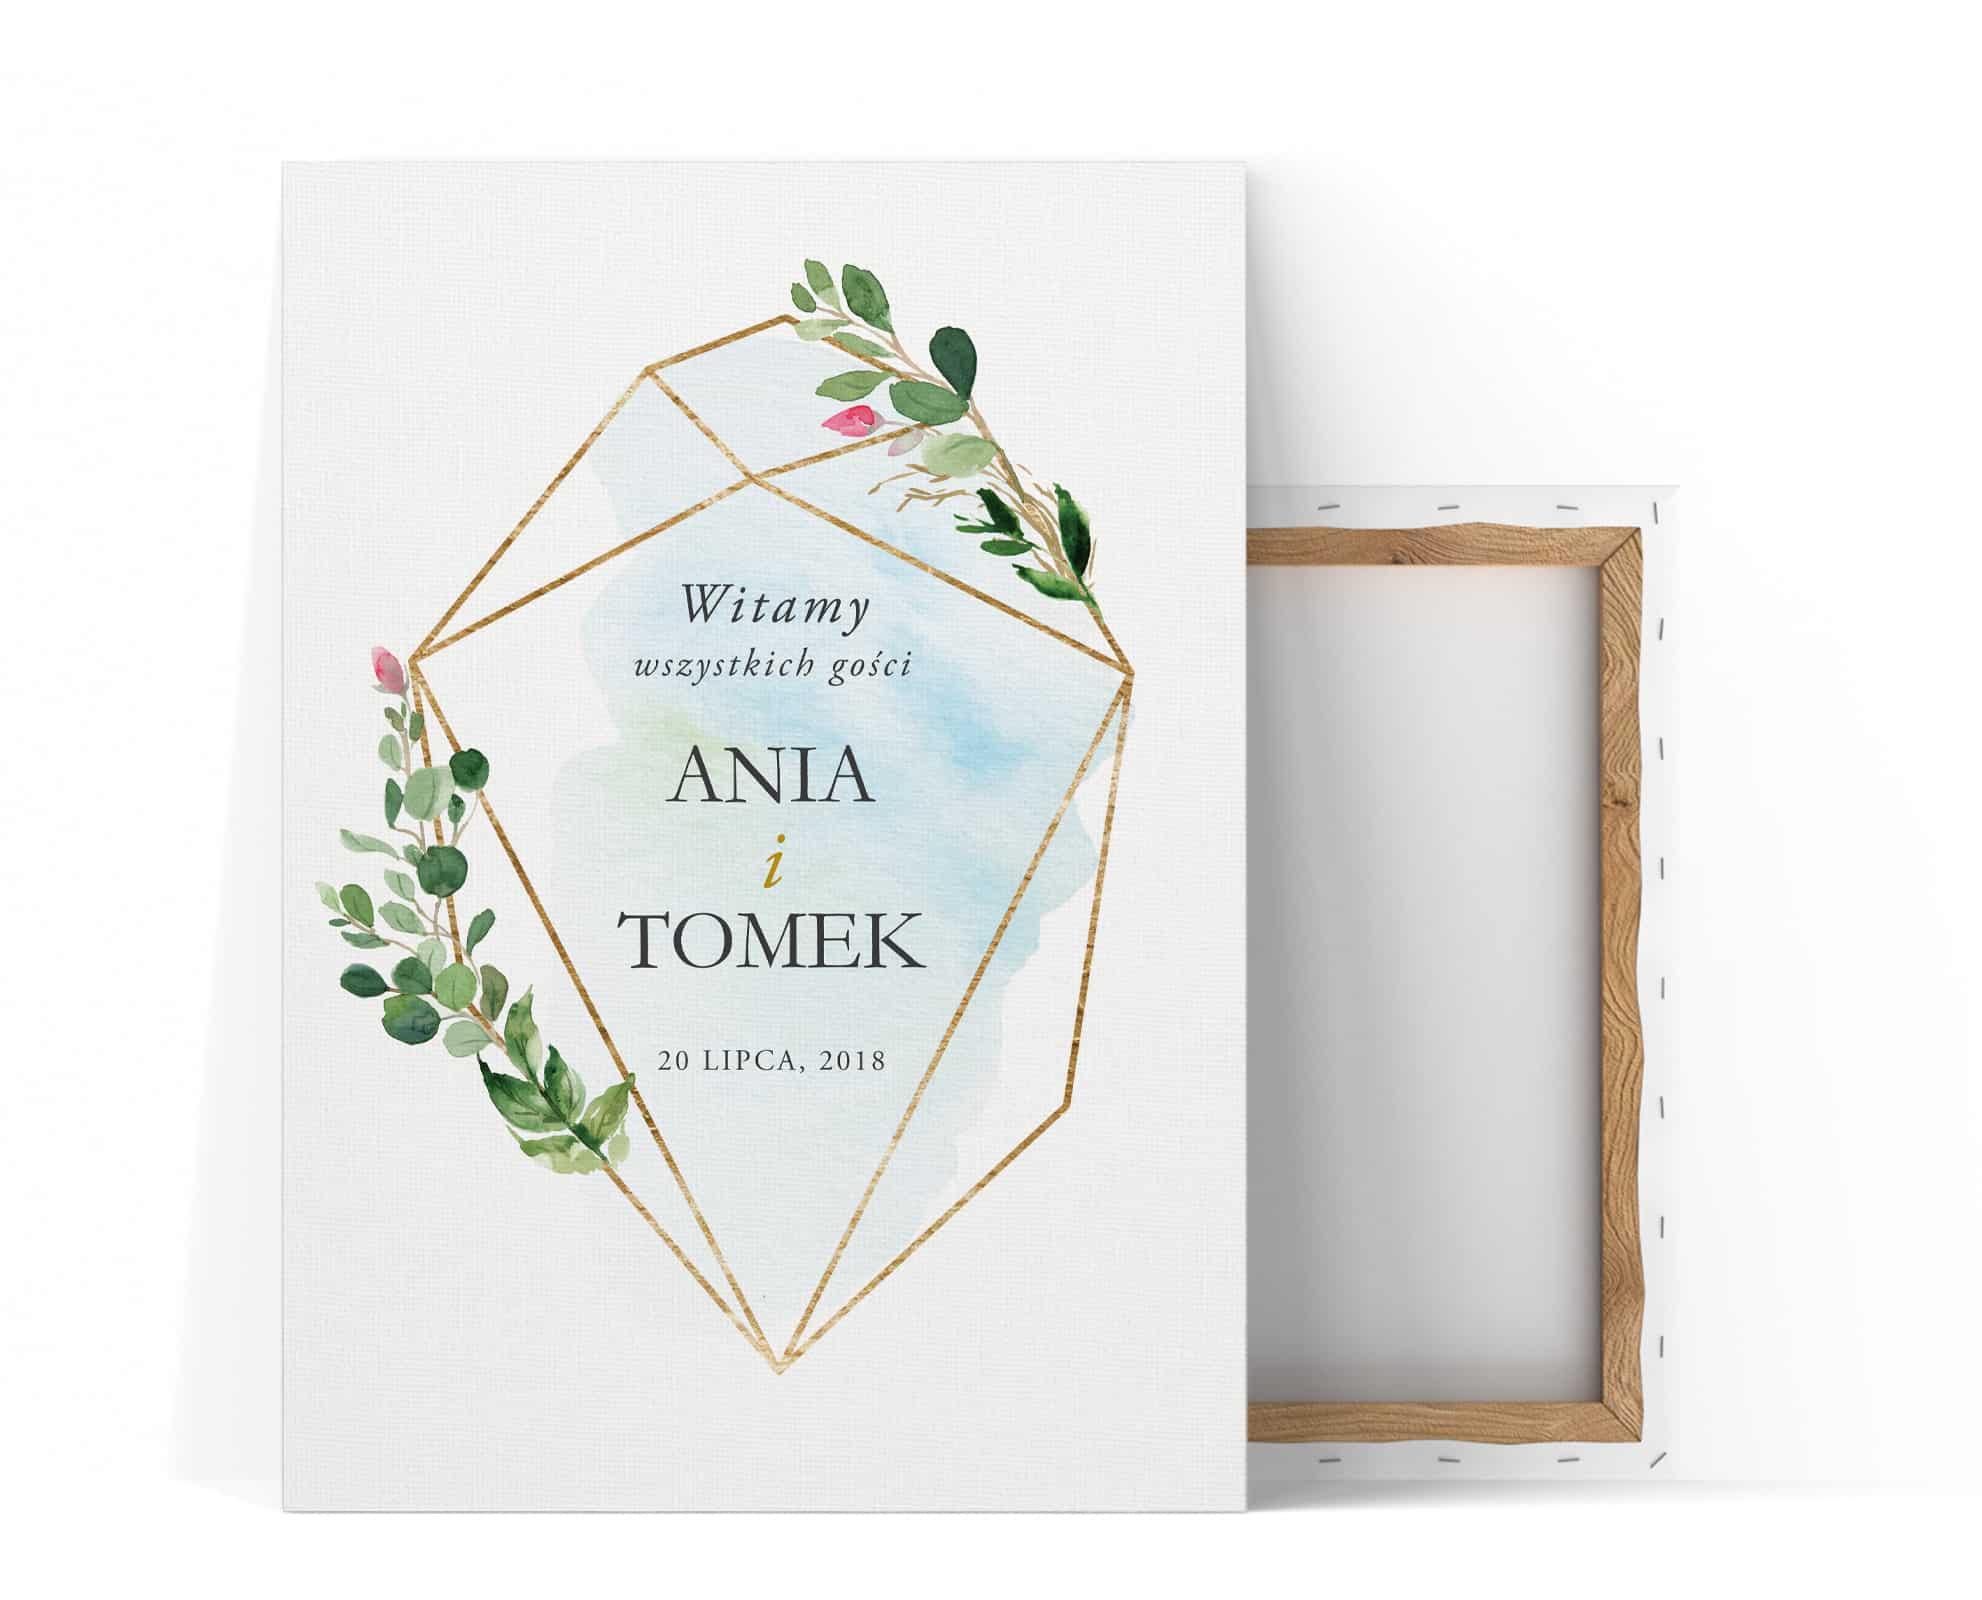 Tablica z powitaniem gości weselnych niebiesko złota z zielonymi listkami